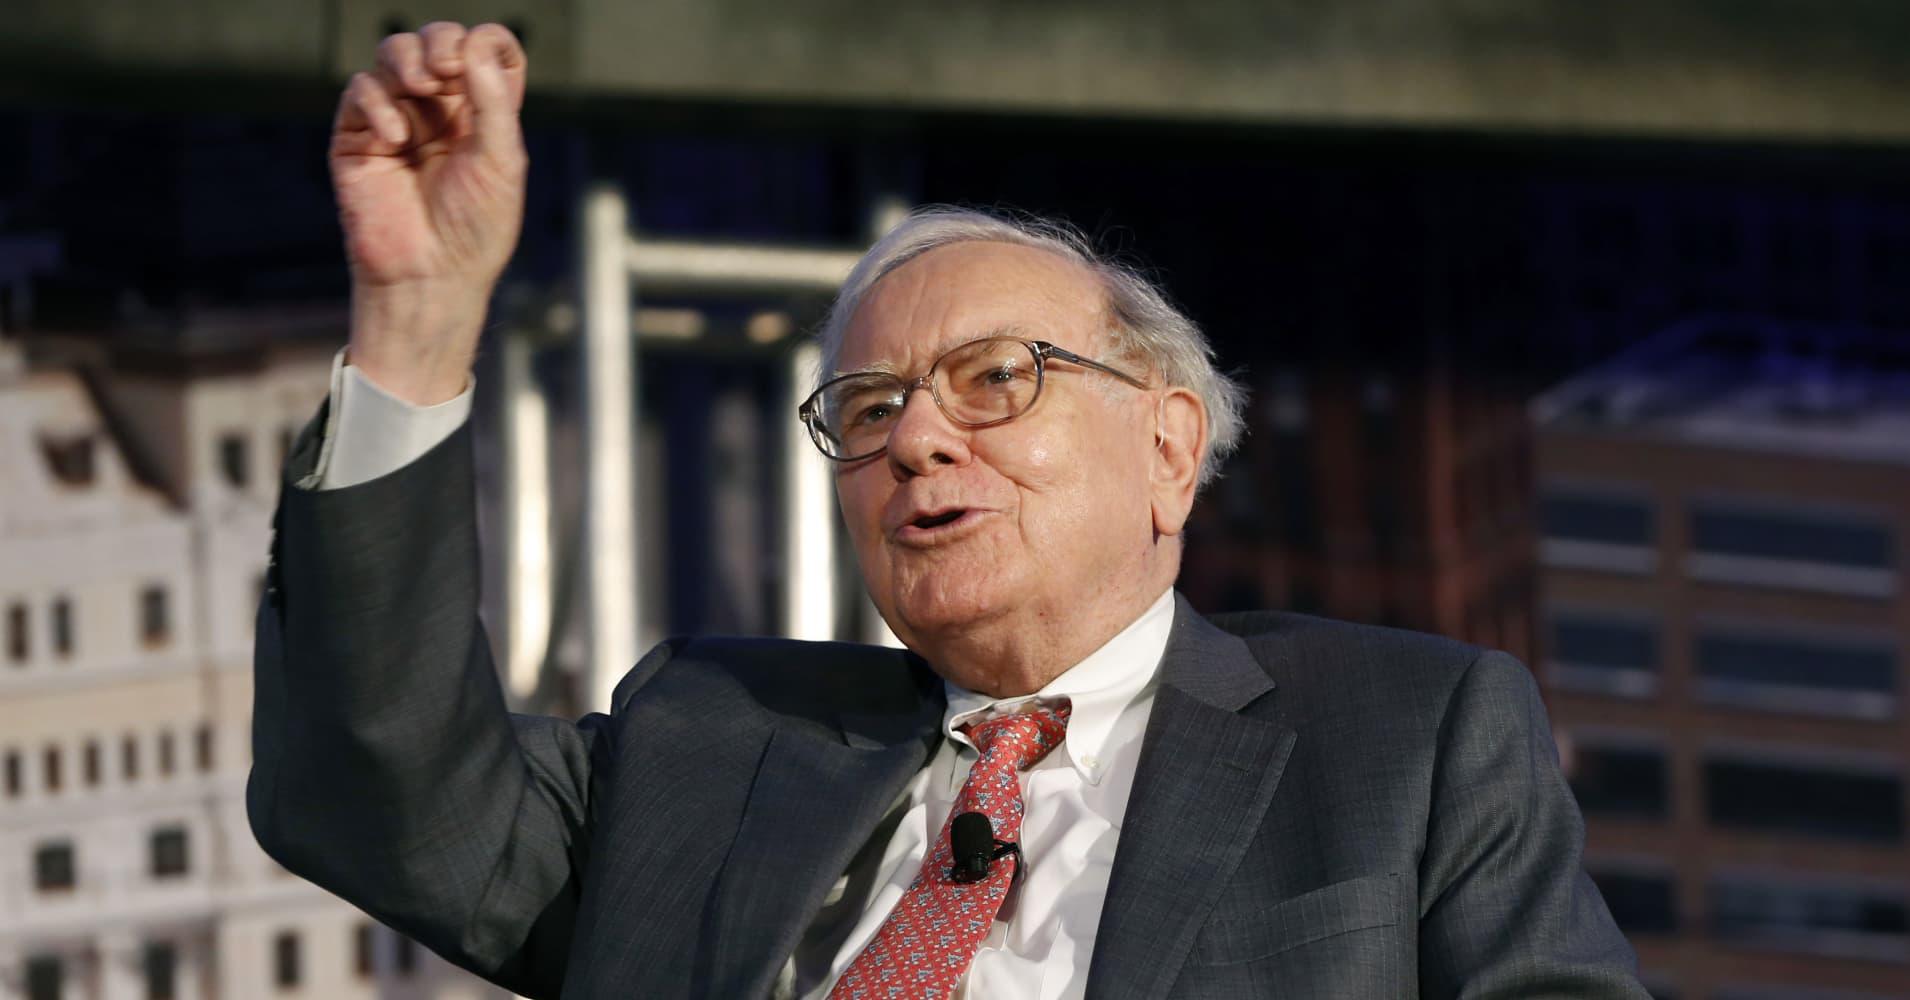 Breakingviews: Buffett's $1 trillion target for Apple is in sight